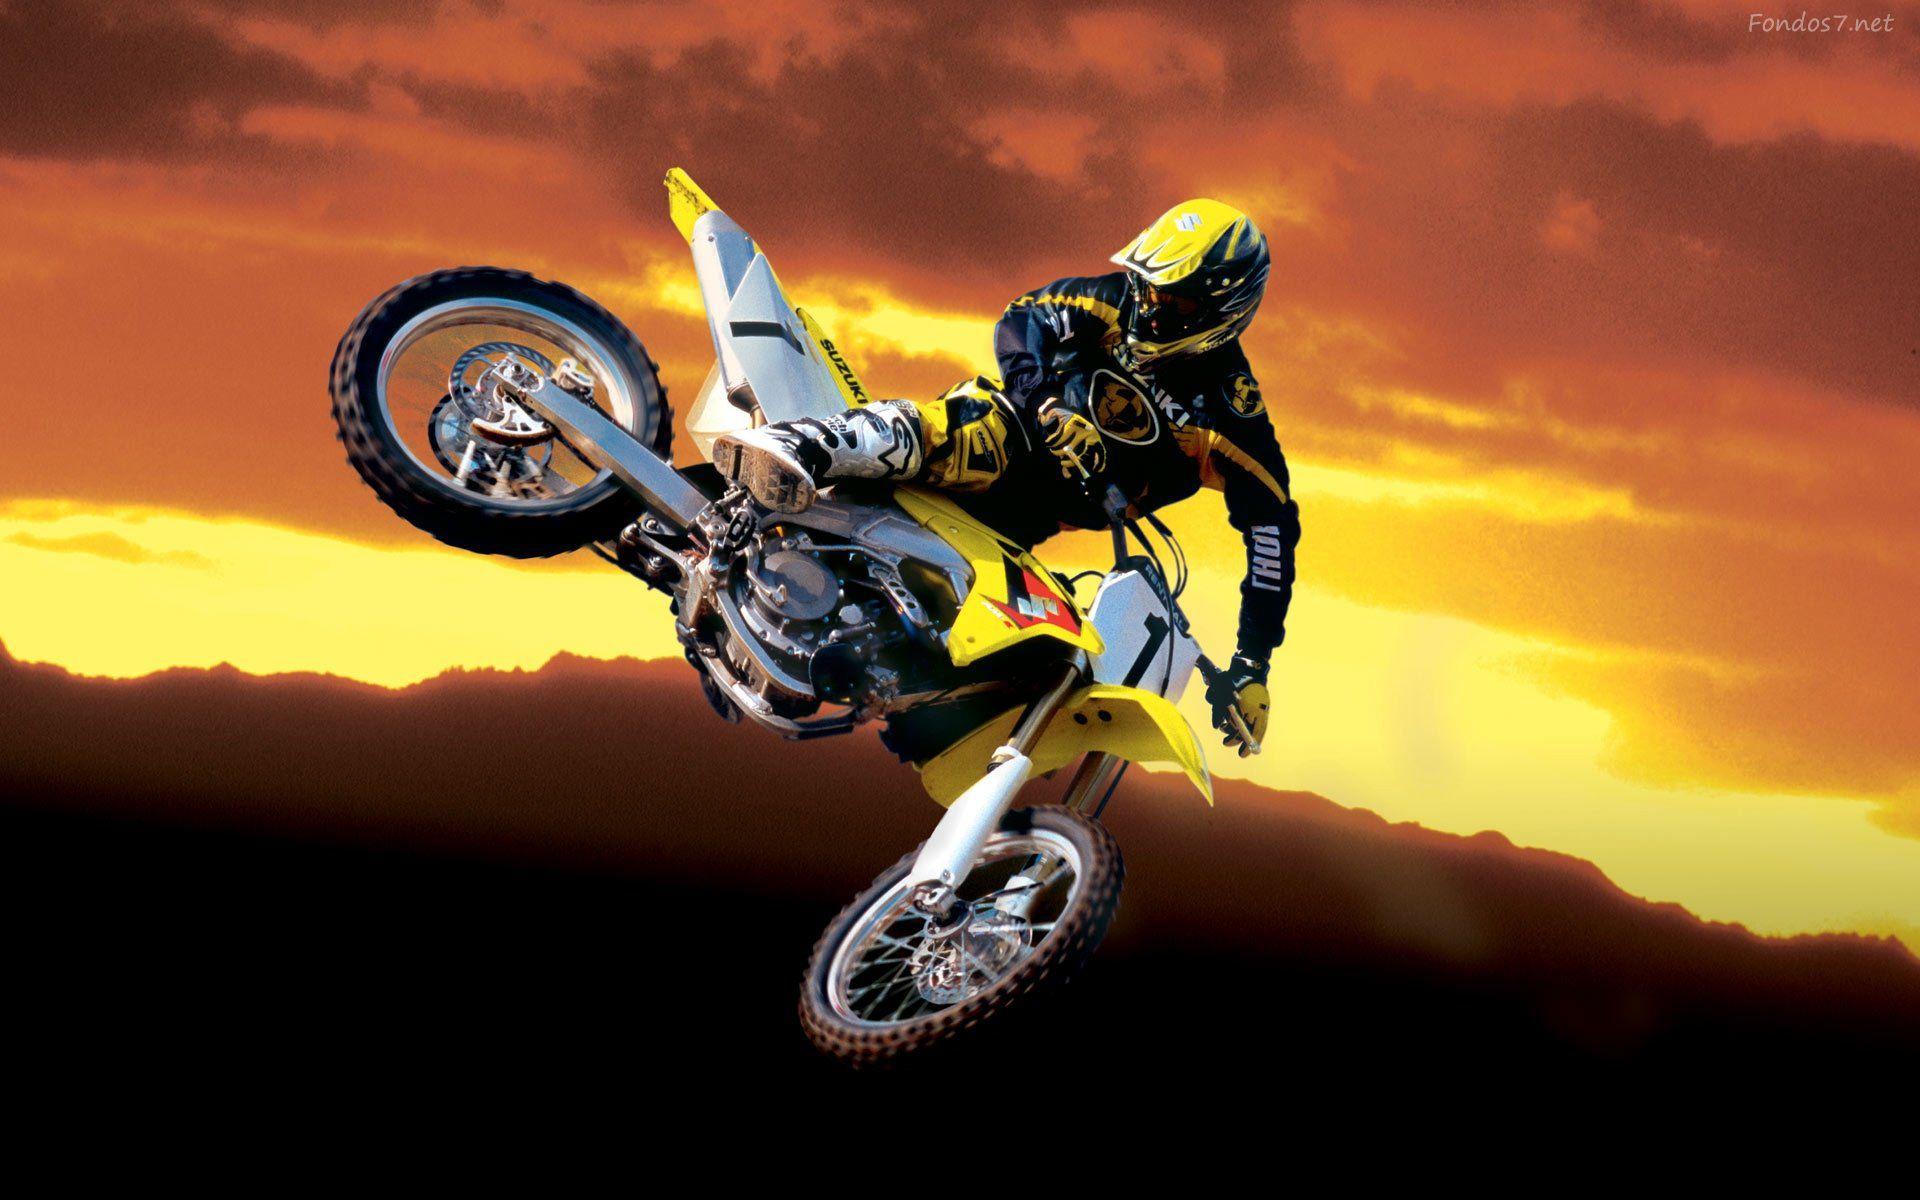 Wallpaper Motocross 4k Celular Di 2020 Motocross